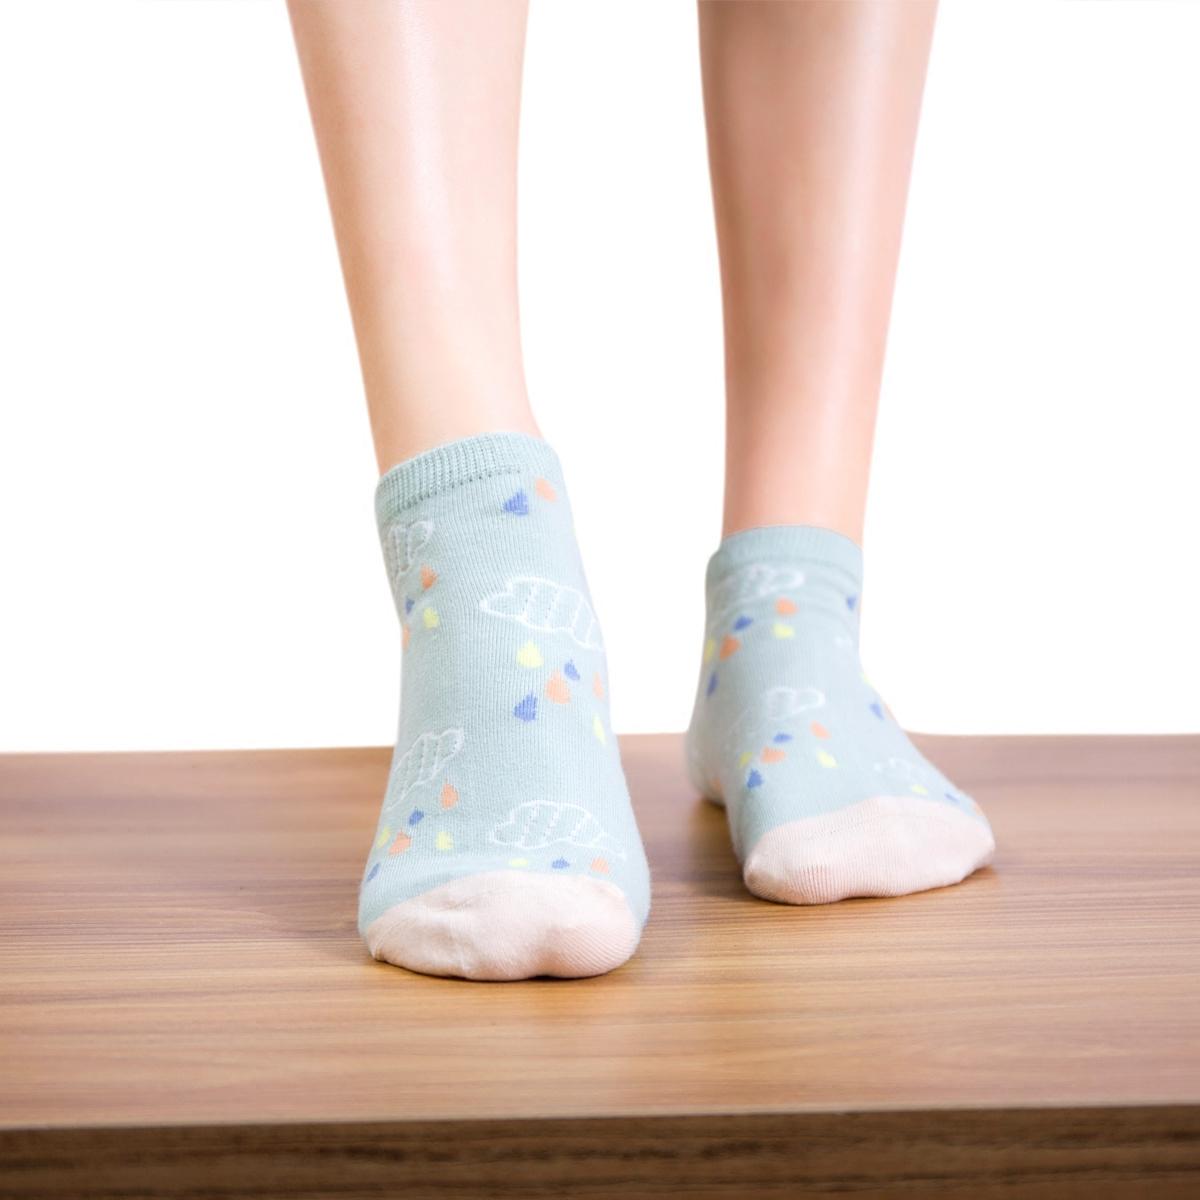 China Sewing Pattern Socks, China Sewing Pattern Socks Shopping ...